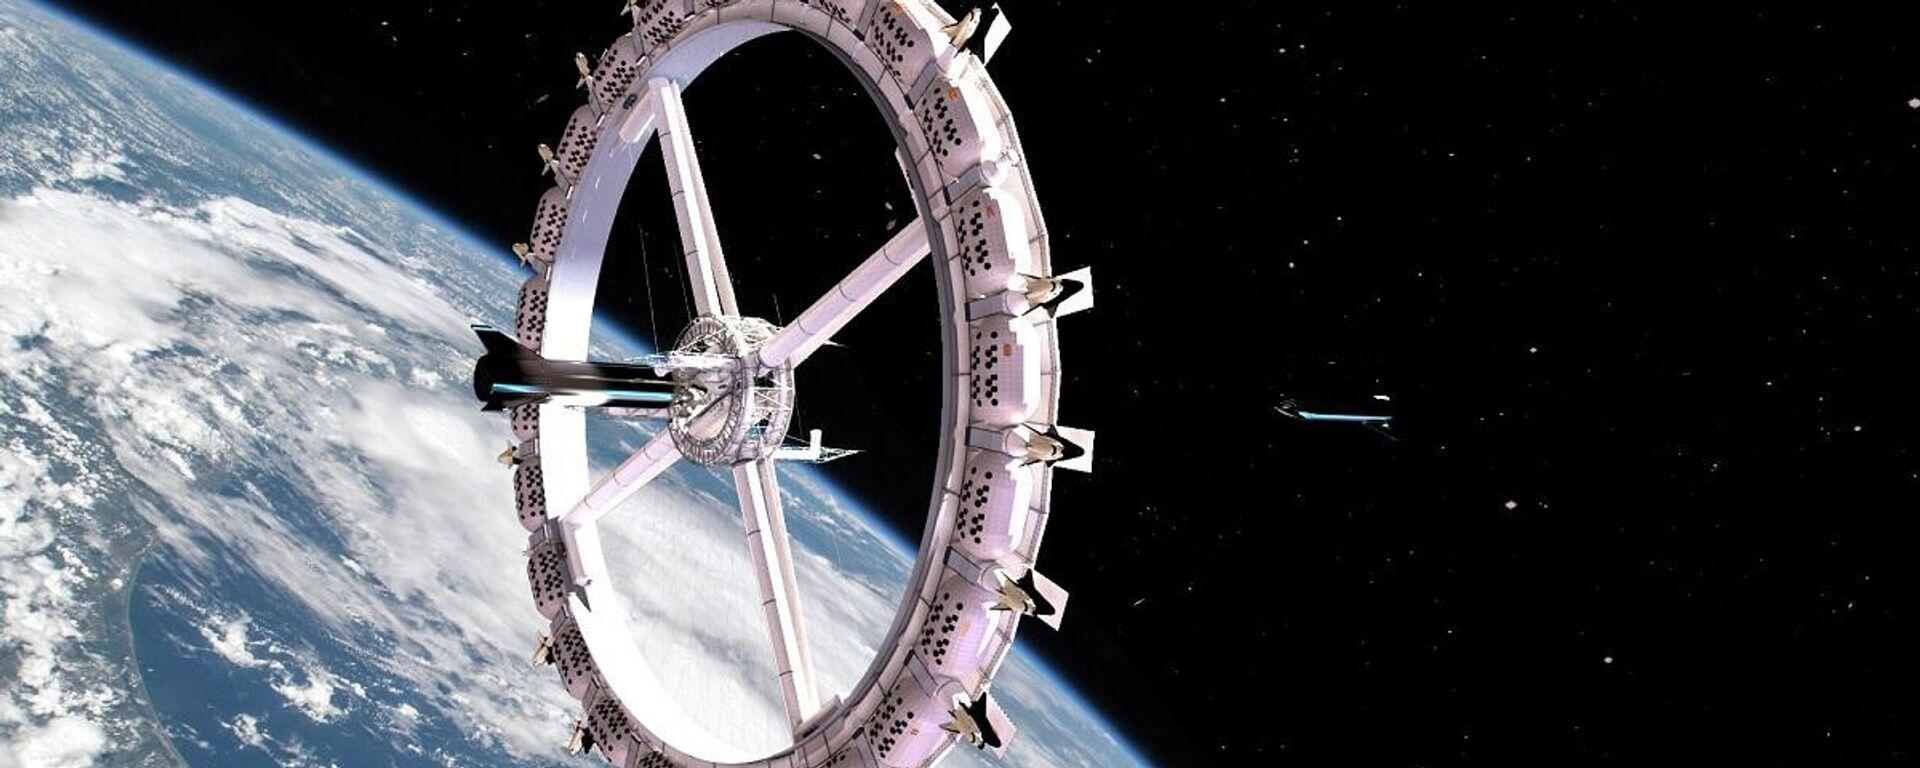 Un hotel estilo crucero, en el espacio, el Voyager Station - Sputnik Mundo, 1920, 05.03.2021